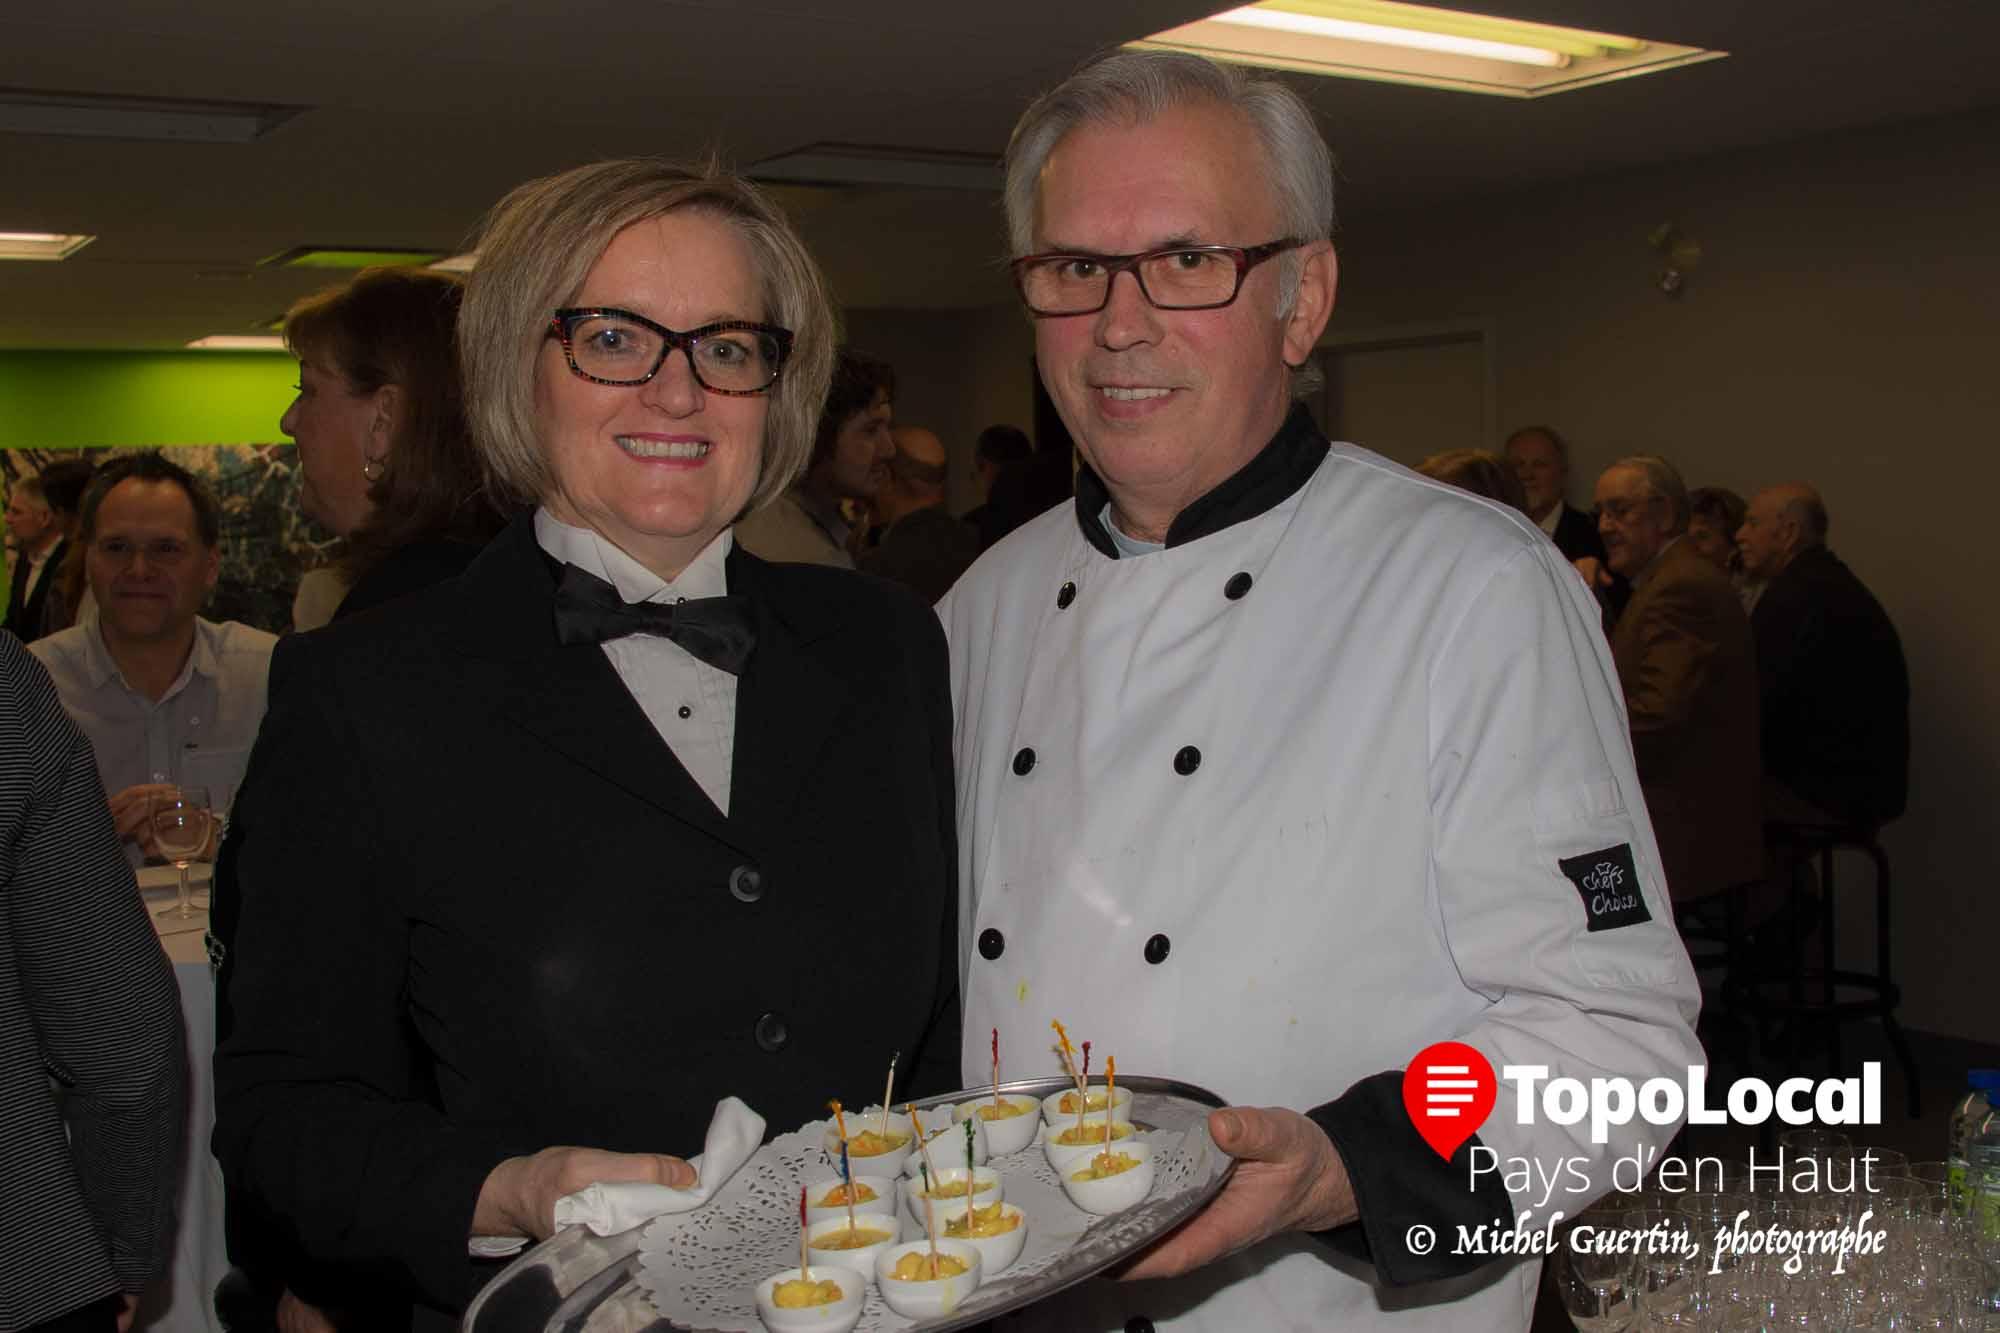 LOrs de l'ouverture officielle de la Caisse Desjardins de Saint-Sauveur, c'est l'équipe des Fins Gourmets du Nord qui faisait office de traiteur. Sur la photo on reconnaît les deux co-propriétaires Élaine Harel et André Buthier.